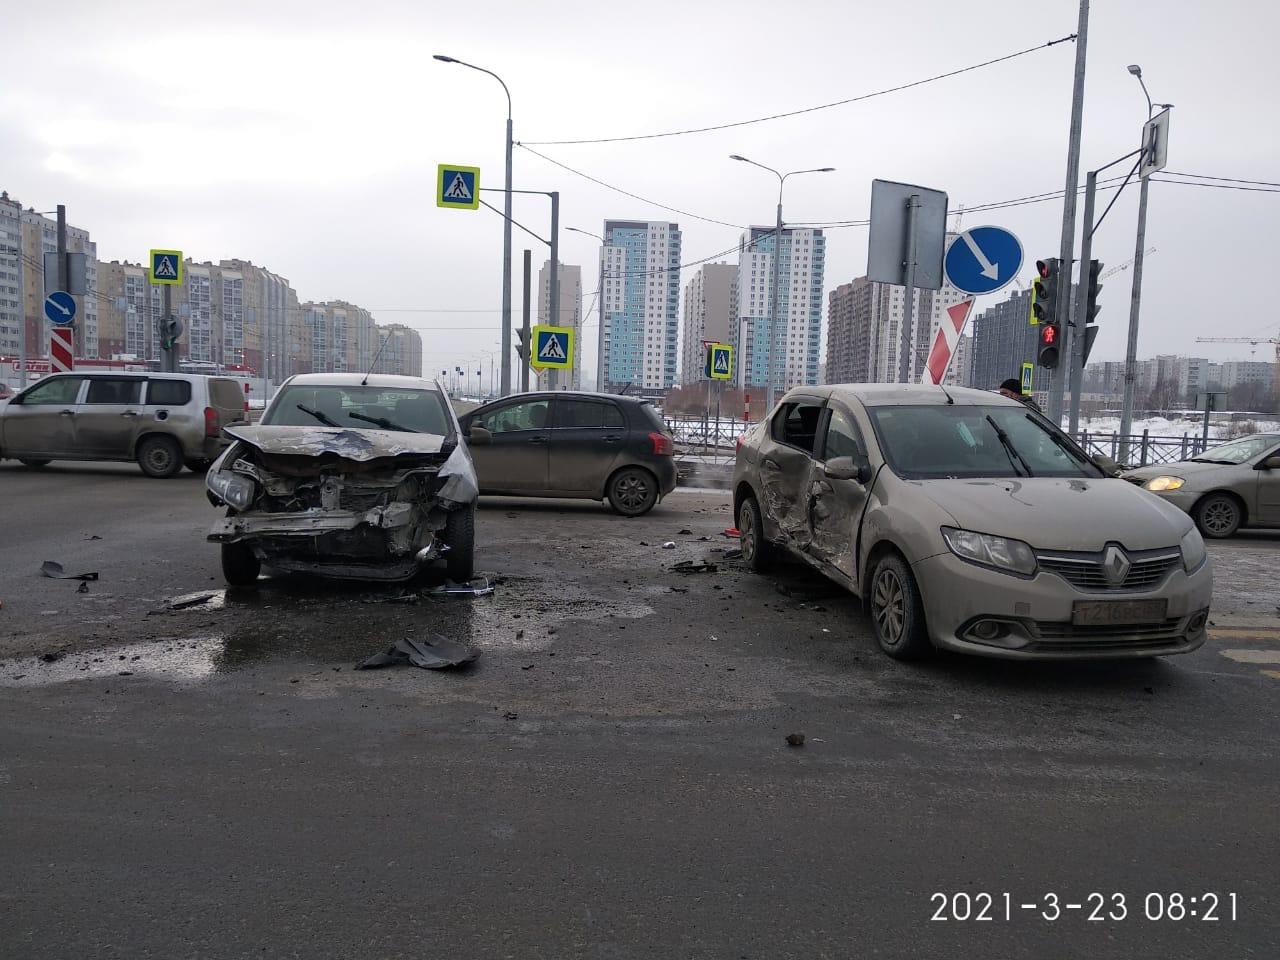 В ДТП с двумя «логанами» в Омске пострадали женщина и 4-летний ребенок #Новости #Общество #Омск